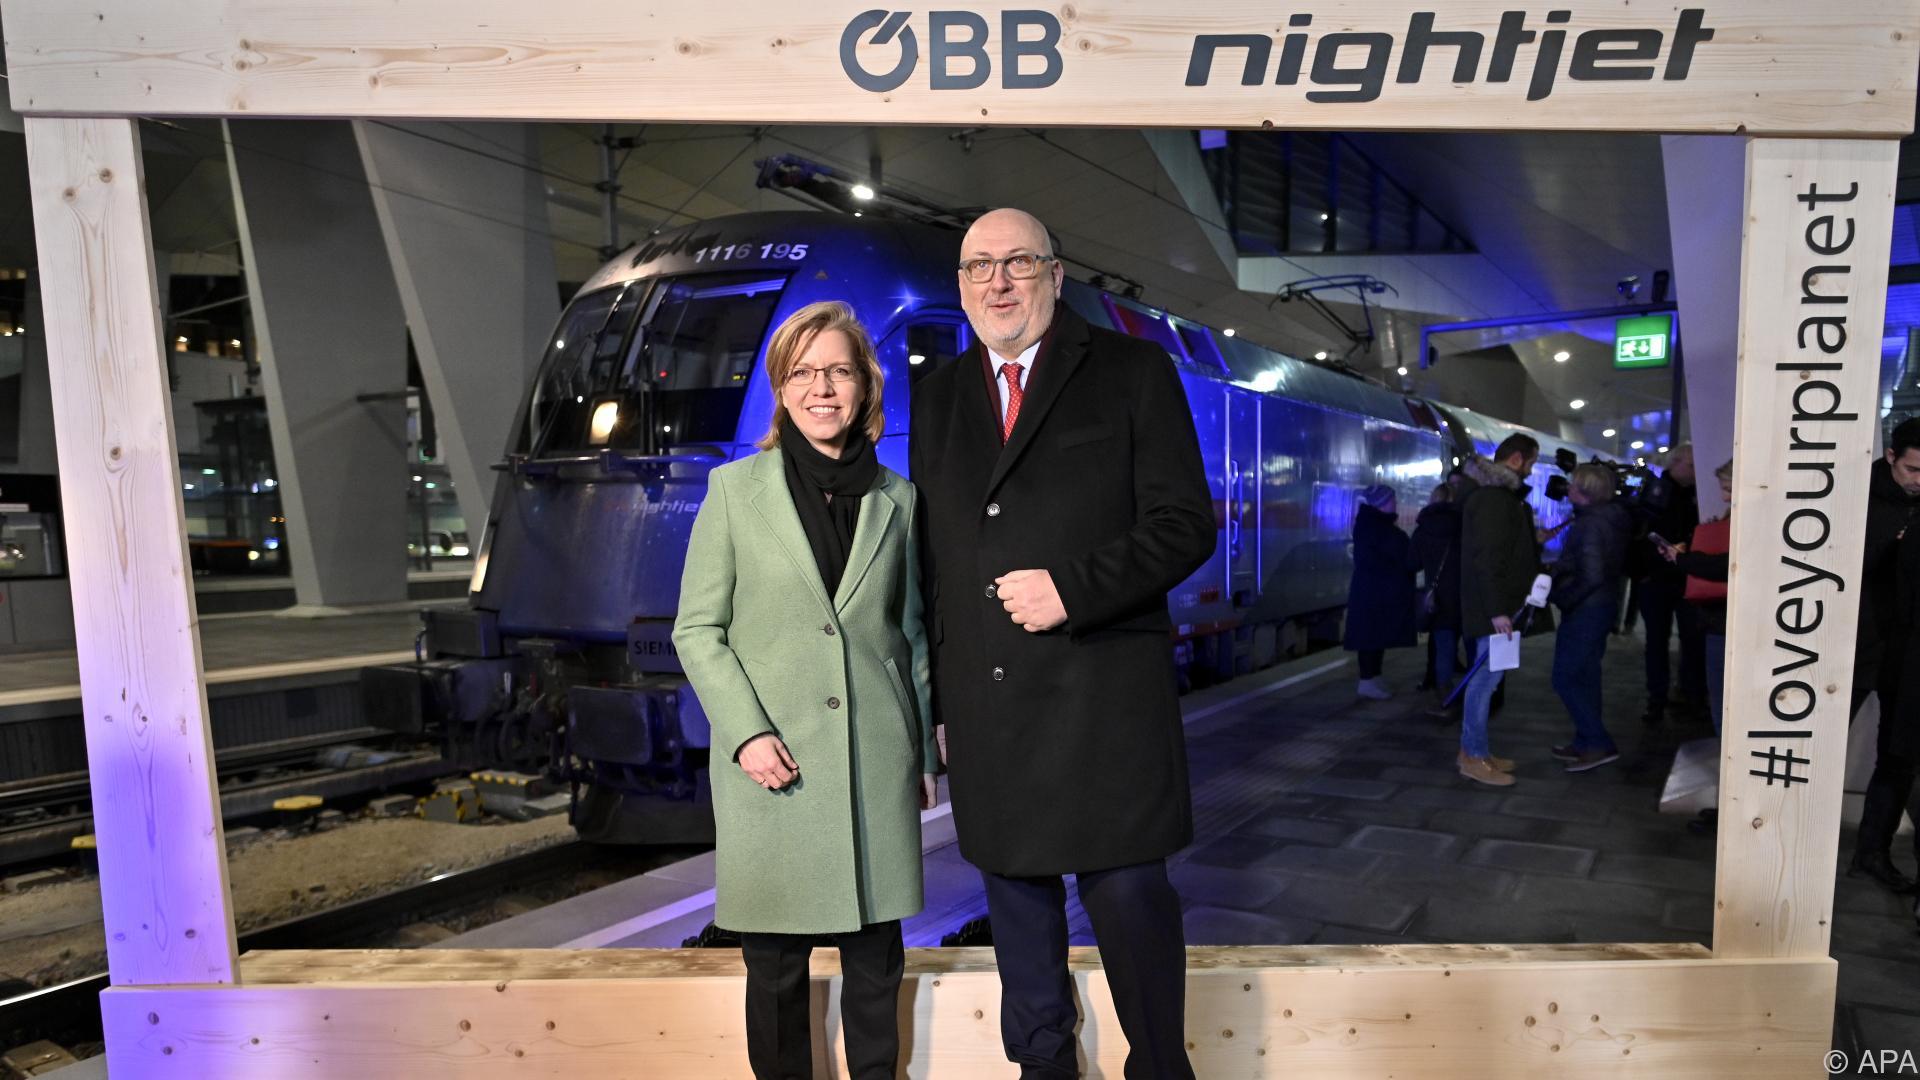 Brüssel-Premiere des ÖBB-Nachtzugs mit EU-Abgeordneten